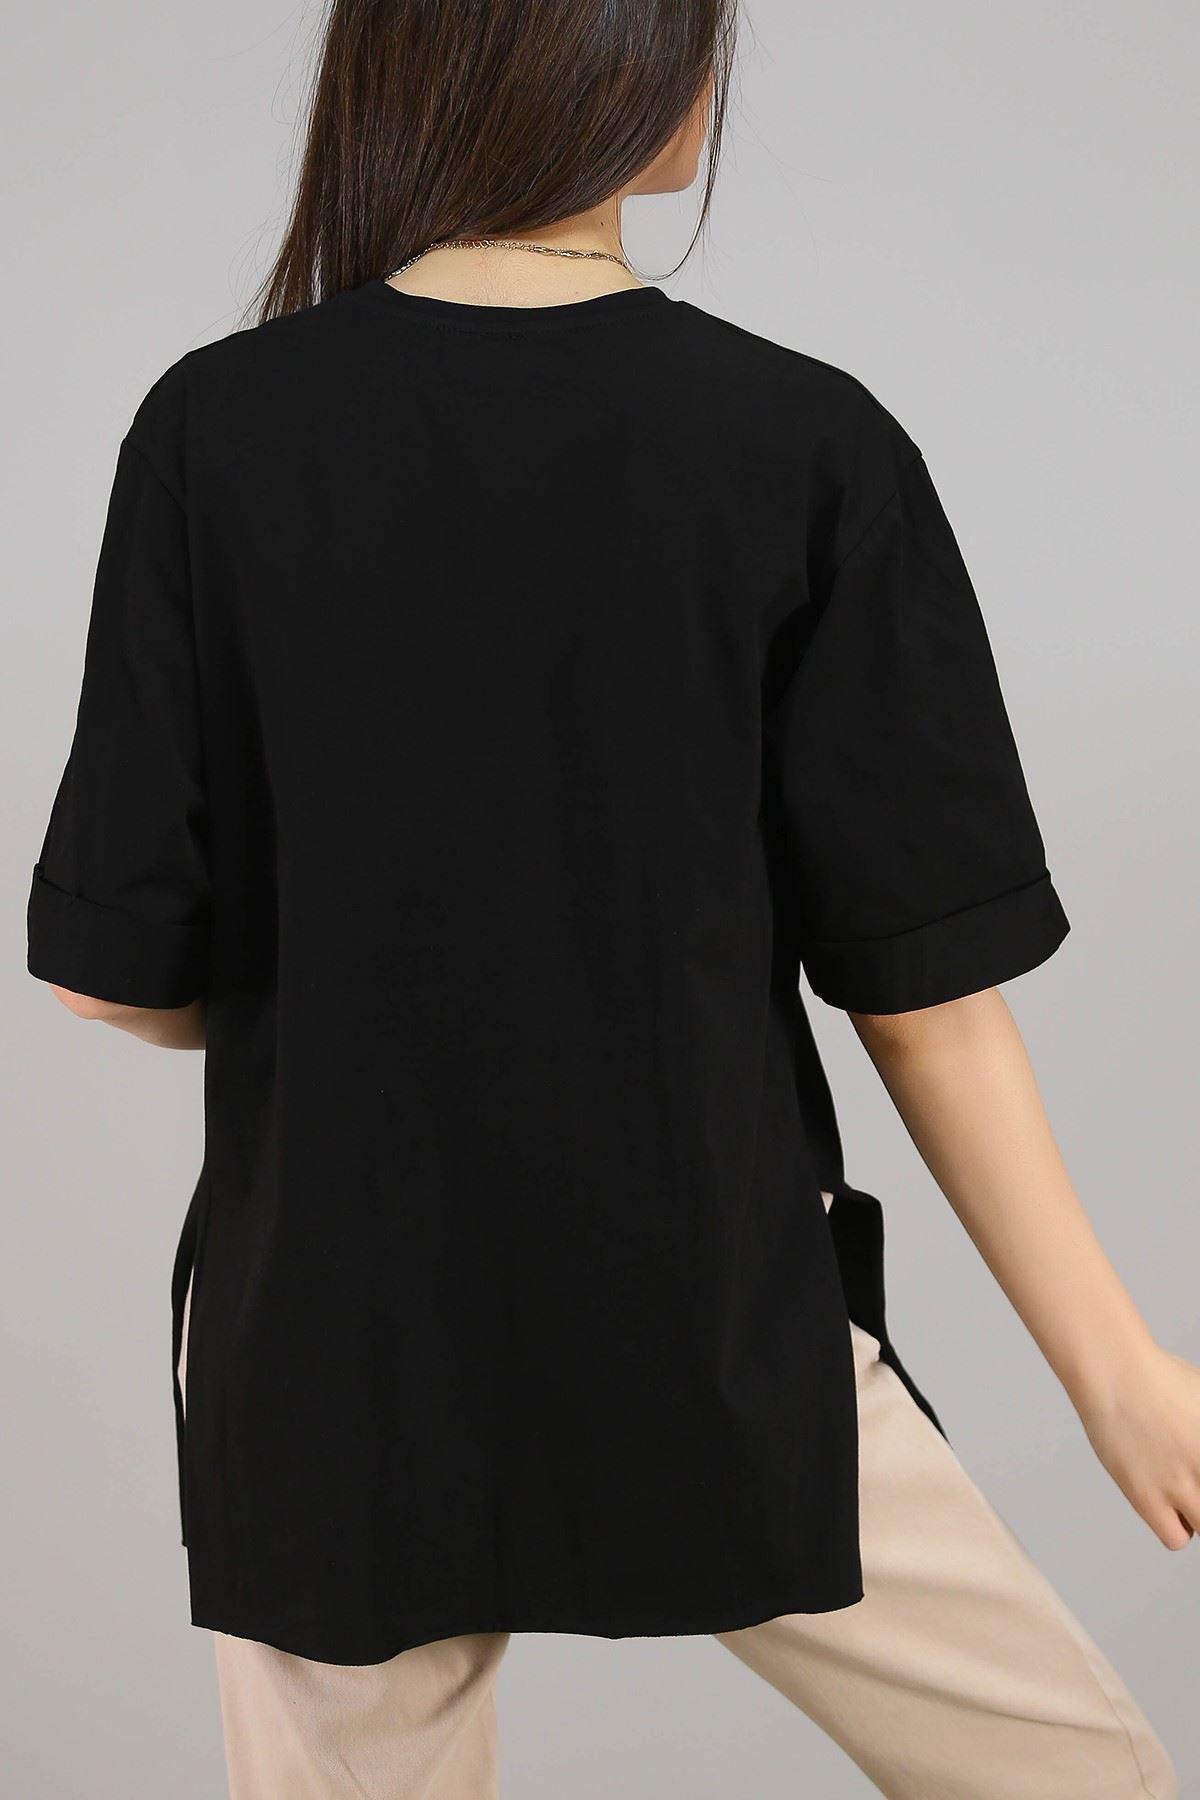 Süprem Salaş Tshirt Siyah - 2946.222.